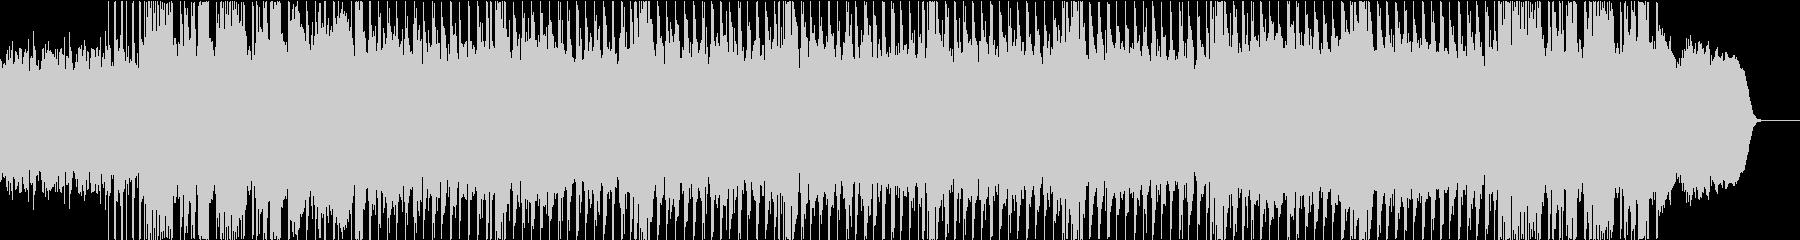 ヘビーなミュートギター刻みのメタルループの未再生の波形